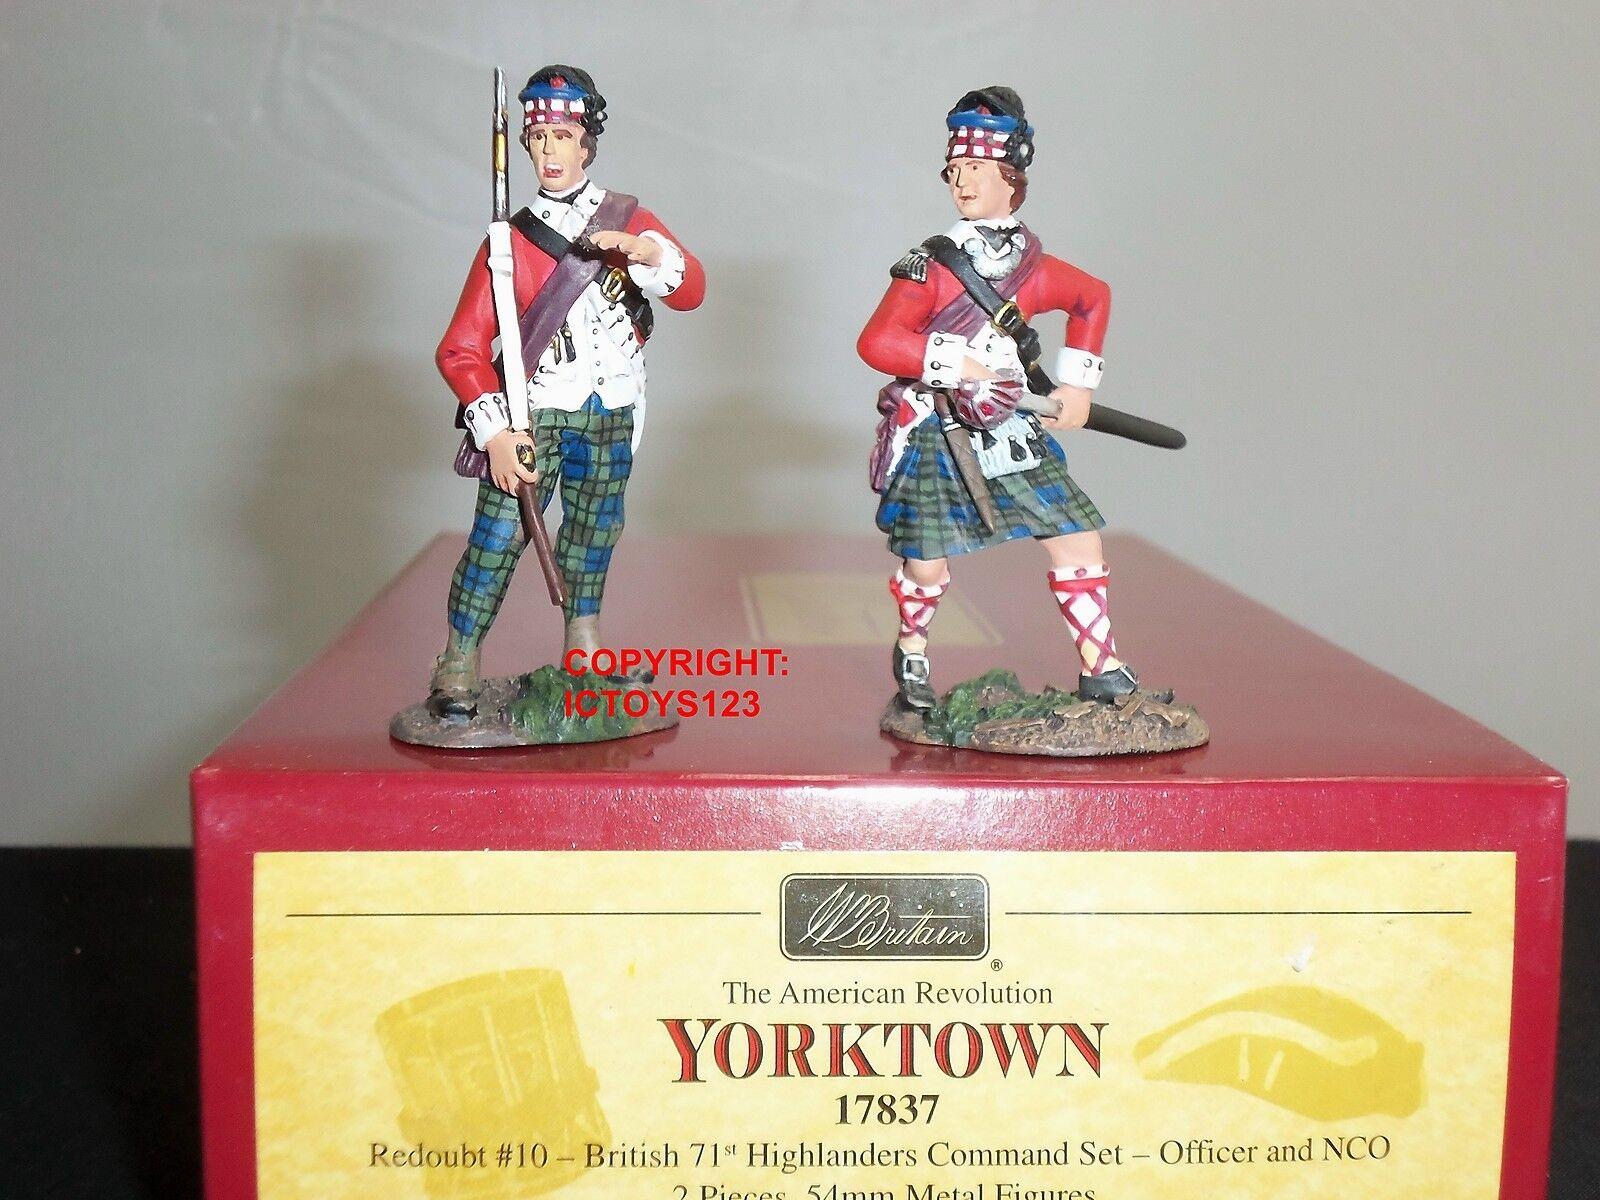 Britains 17837 british 71ST highlanders officer  sous-officier toy soldier comFemmed set   Outlet Store Online